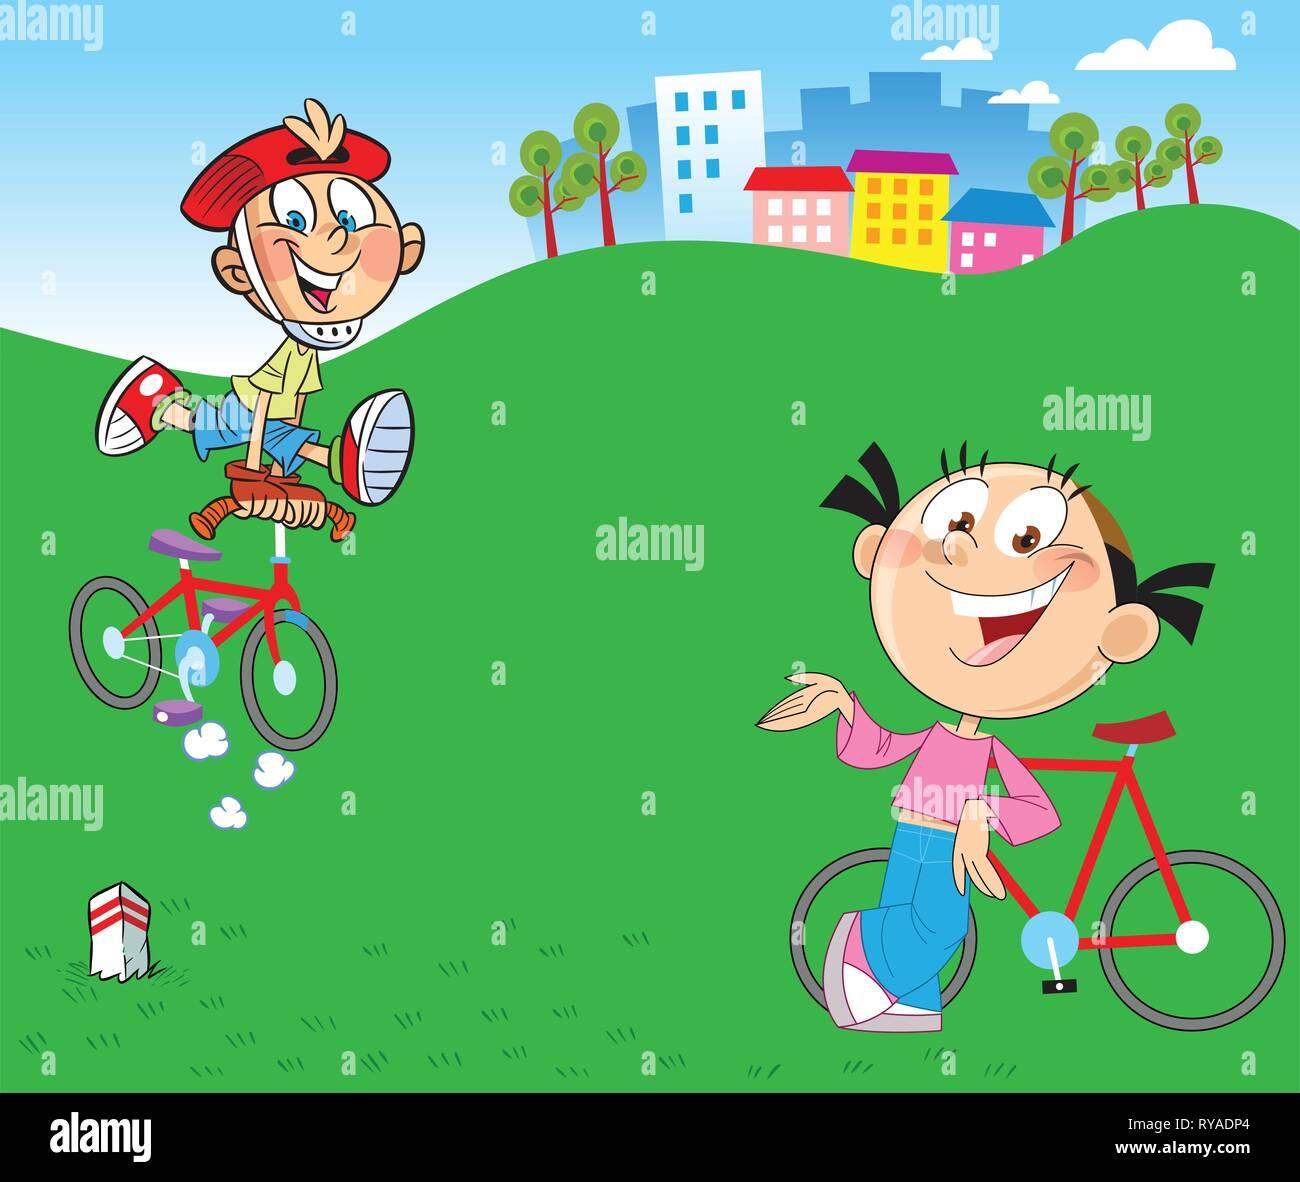 Garcon Et Fille Rendez Vous Pour Une Promenade A Bicyclette Dans La Campagne Image Vectorielle Stock Alamy